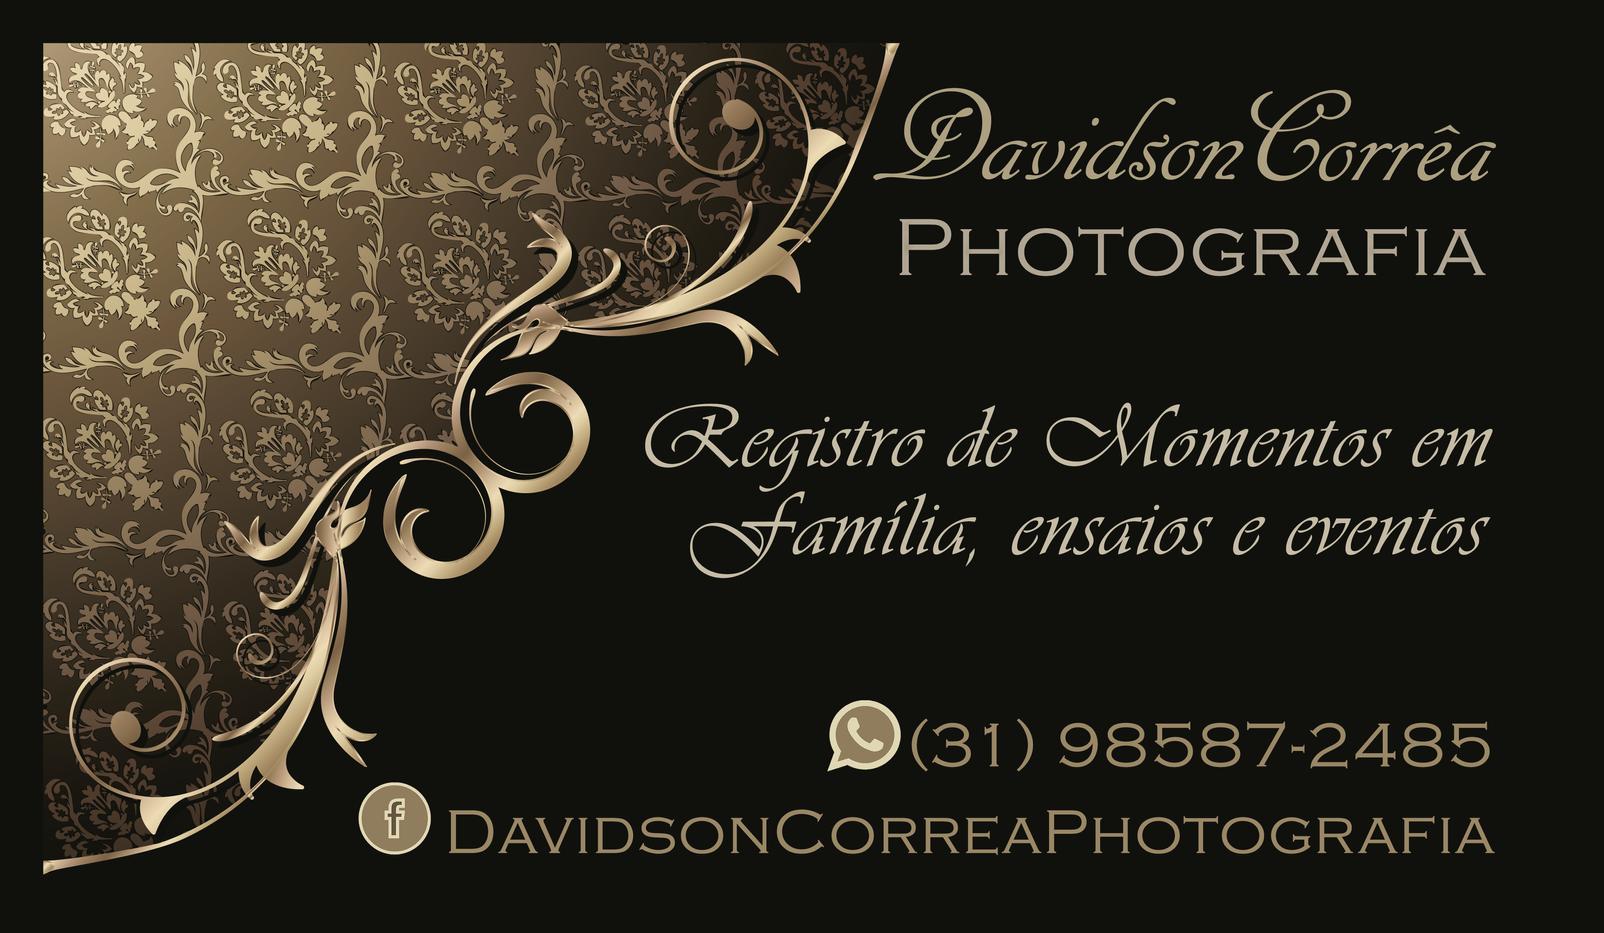 Cartão visita cliente Davidson